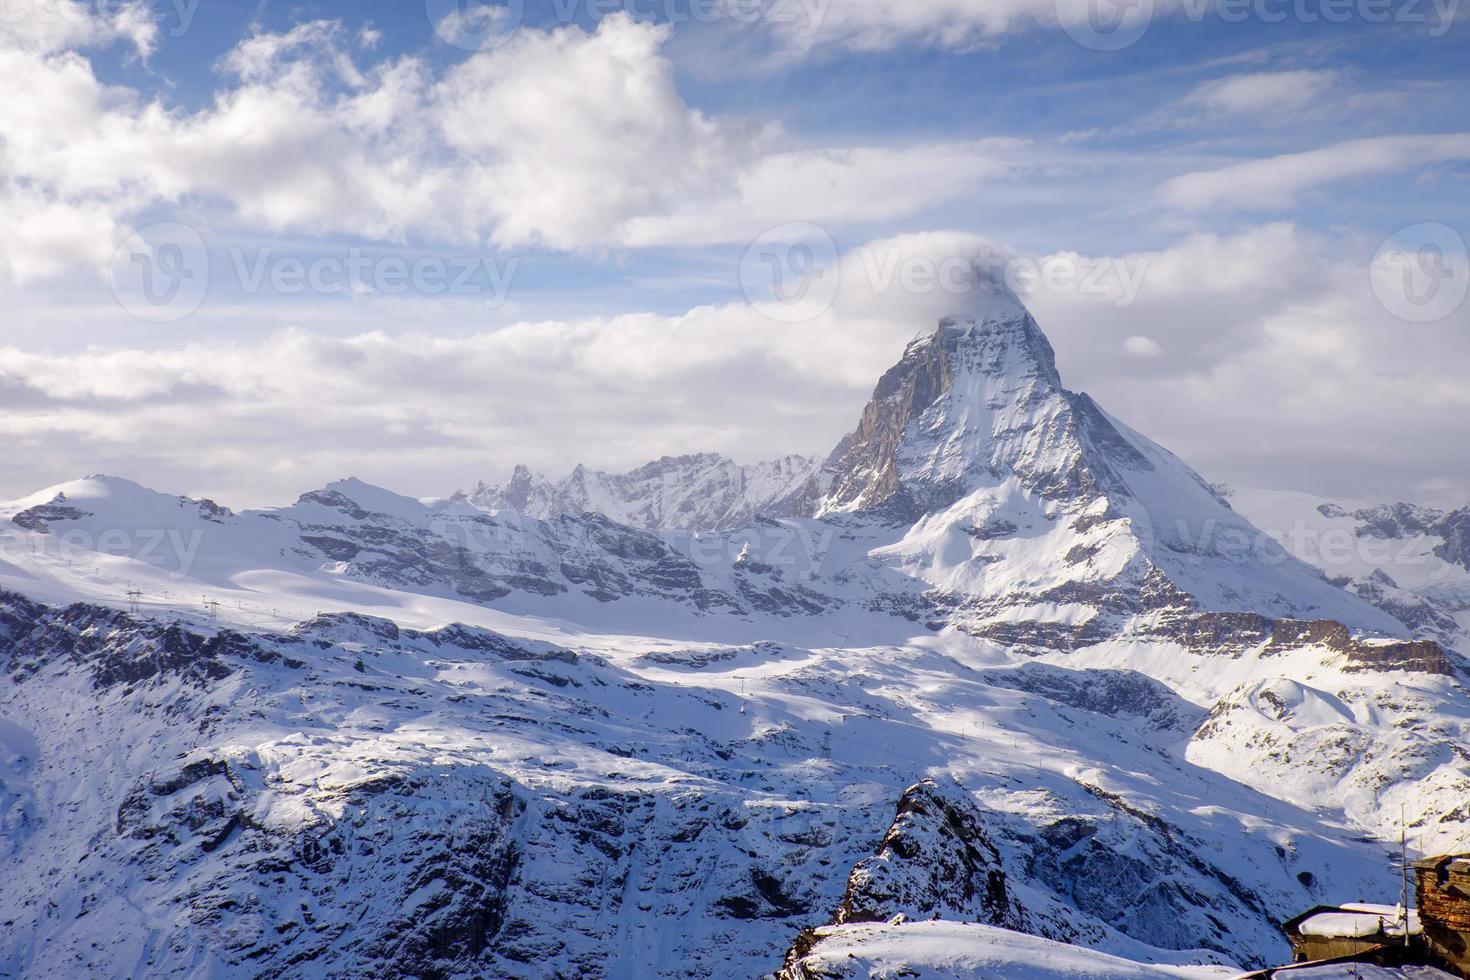 Incroyable Cervin avec la ville de Zermatt, Suisse photo